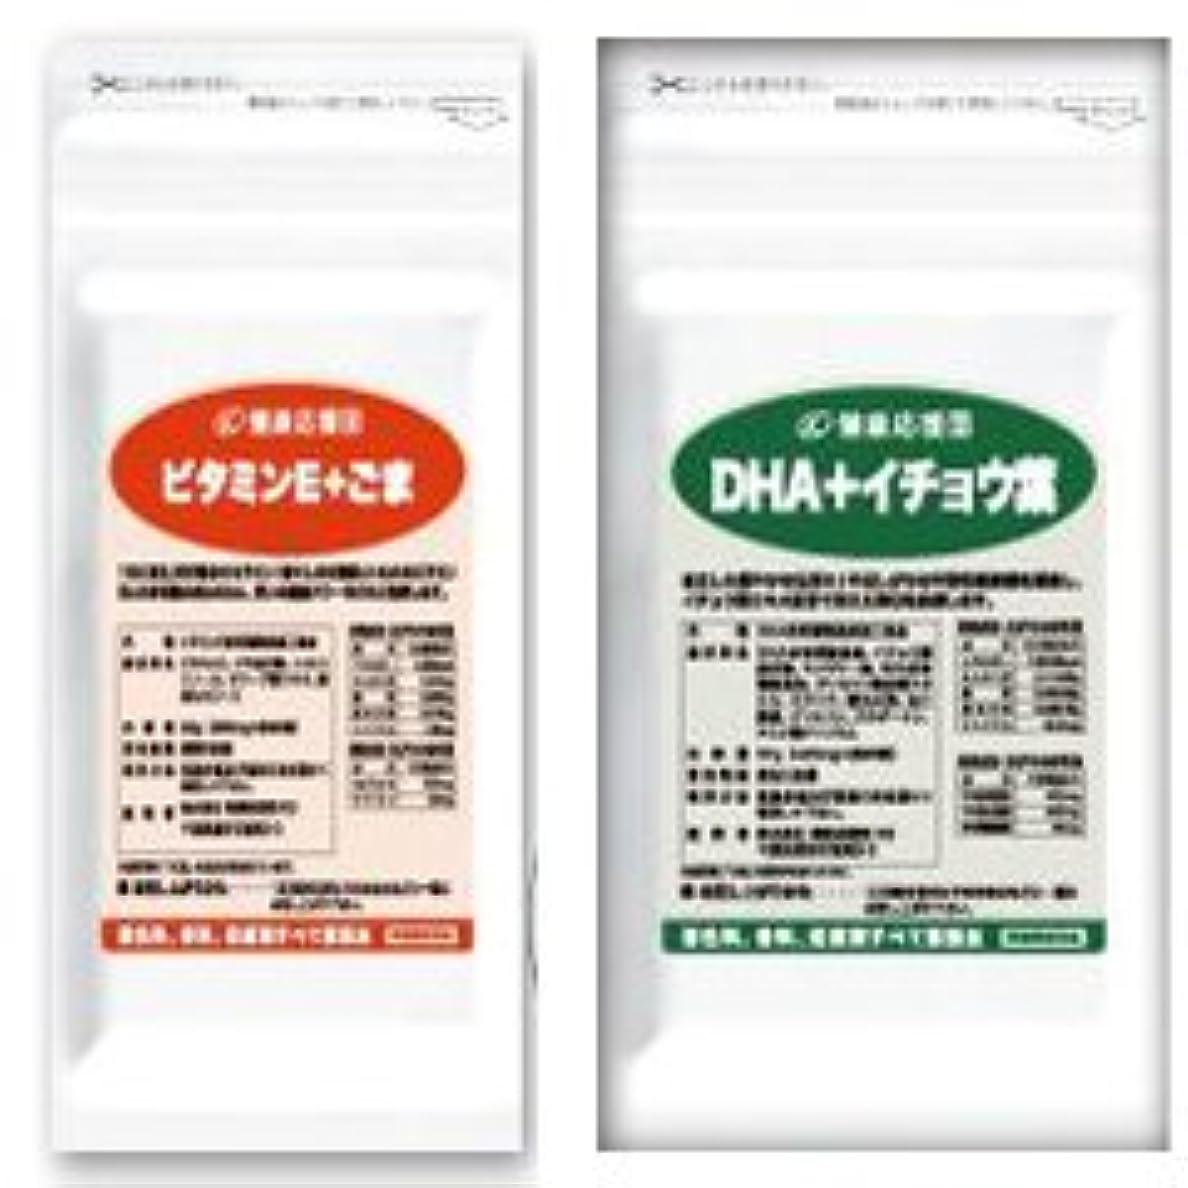 反毒学んだ慰め毎日元気セット (ビタミンE+ごま) + (DHA+イチョウ葉エキス) (DHA?EPA?ビタミンE?セサミン)